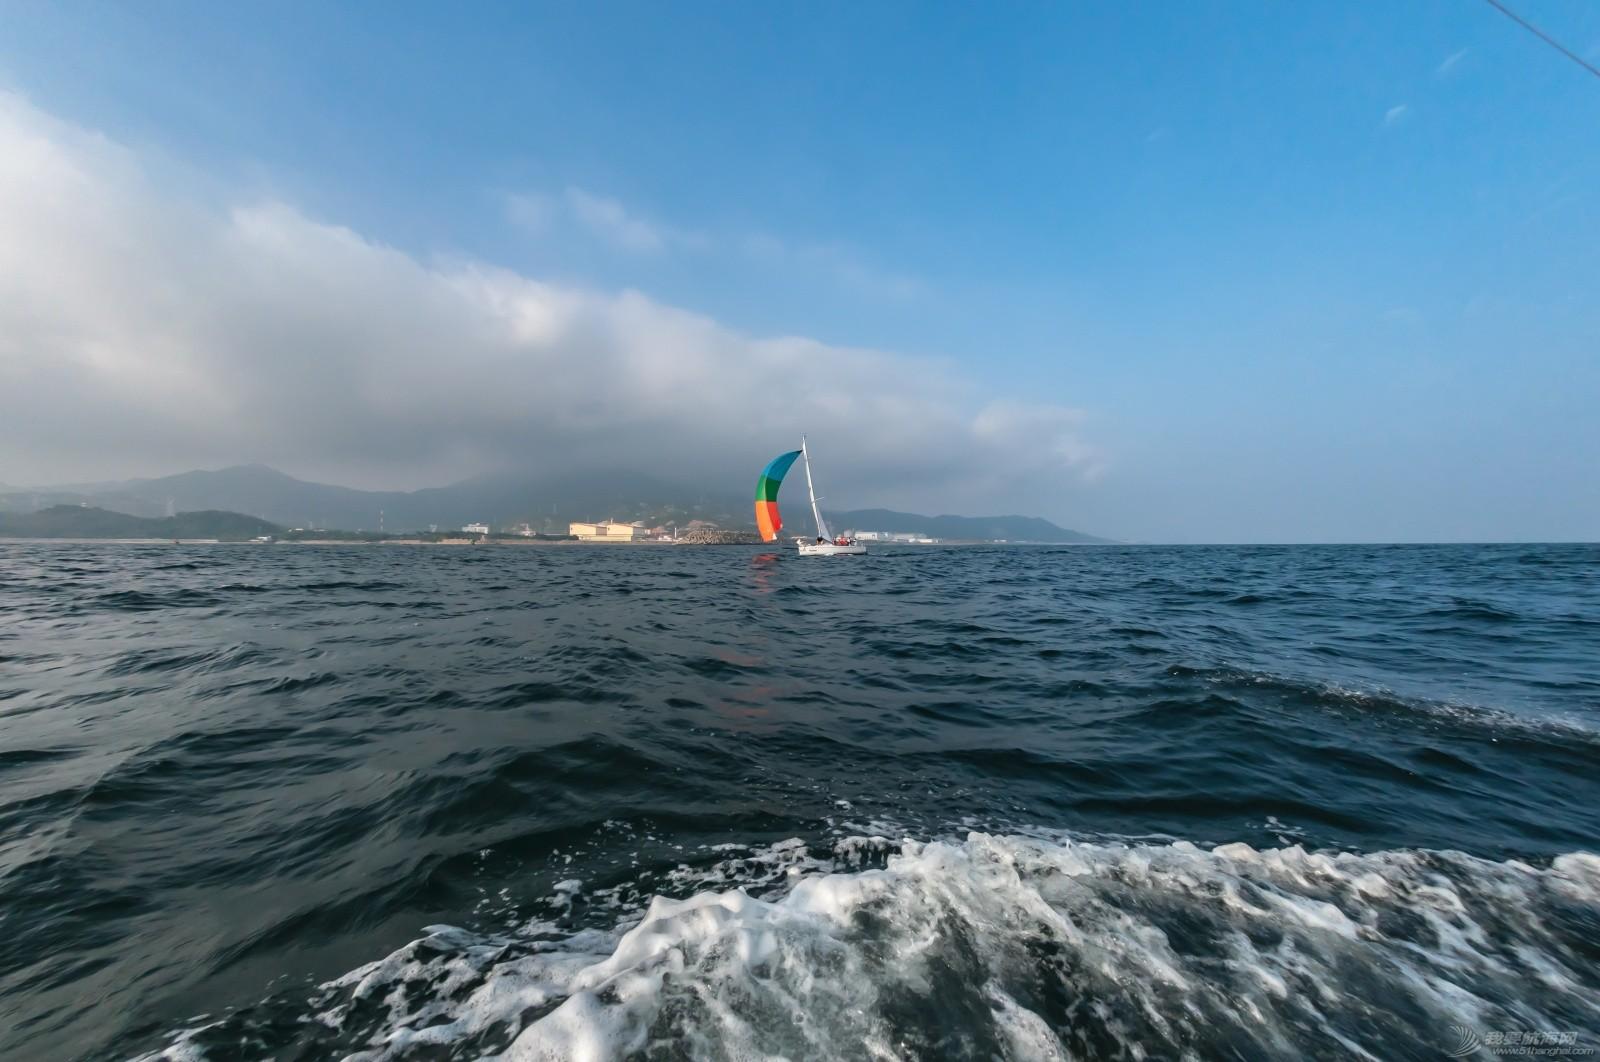 帆船 【2015大鹏杯帆船赛】鱼眼看航海 16033.jpg